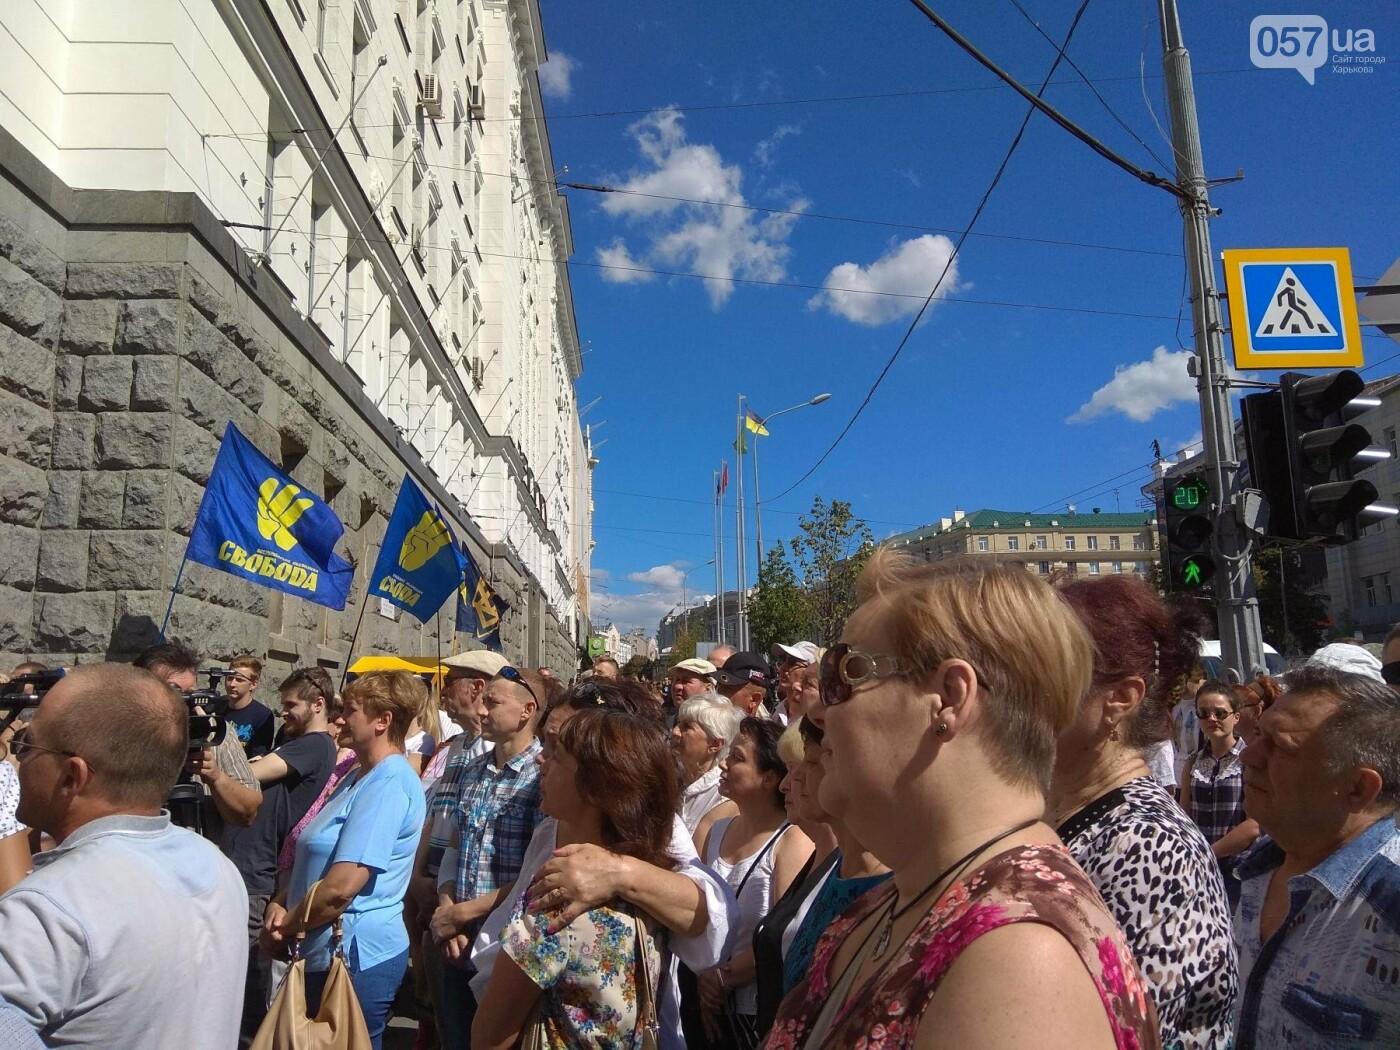 «Дайте инсулин». В Харькове пациенты с сахарным диабетом вышли на пикет под мэрию, - ФОТО, фото-5